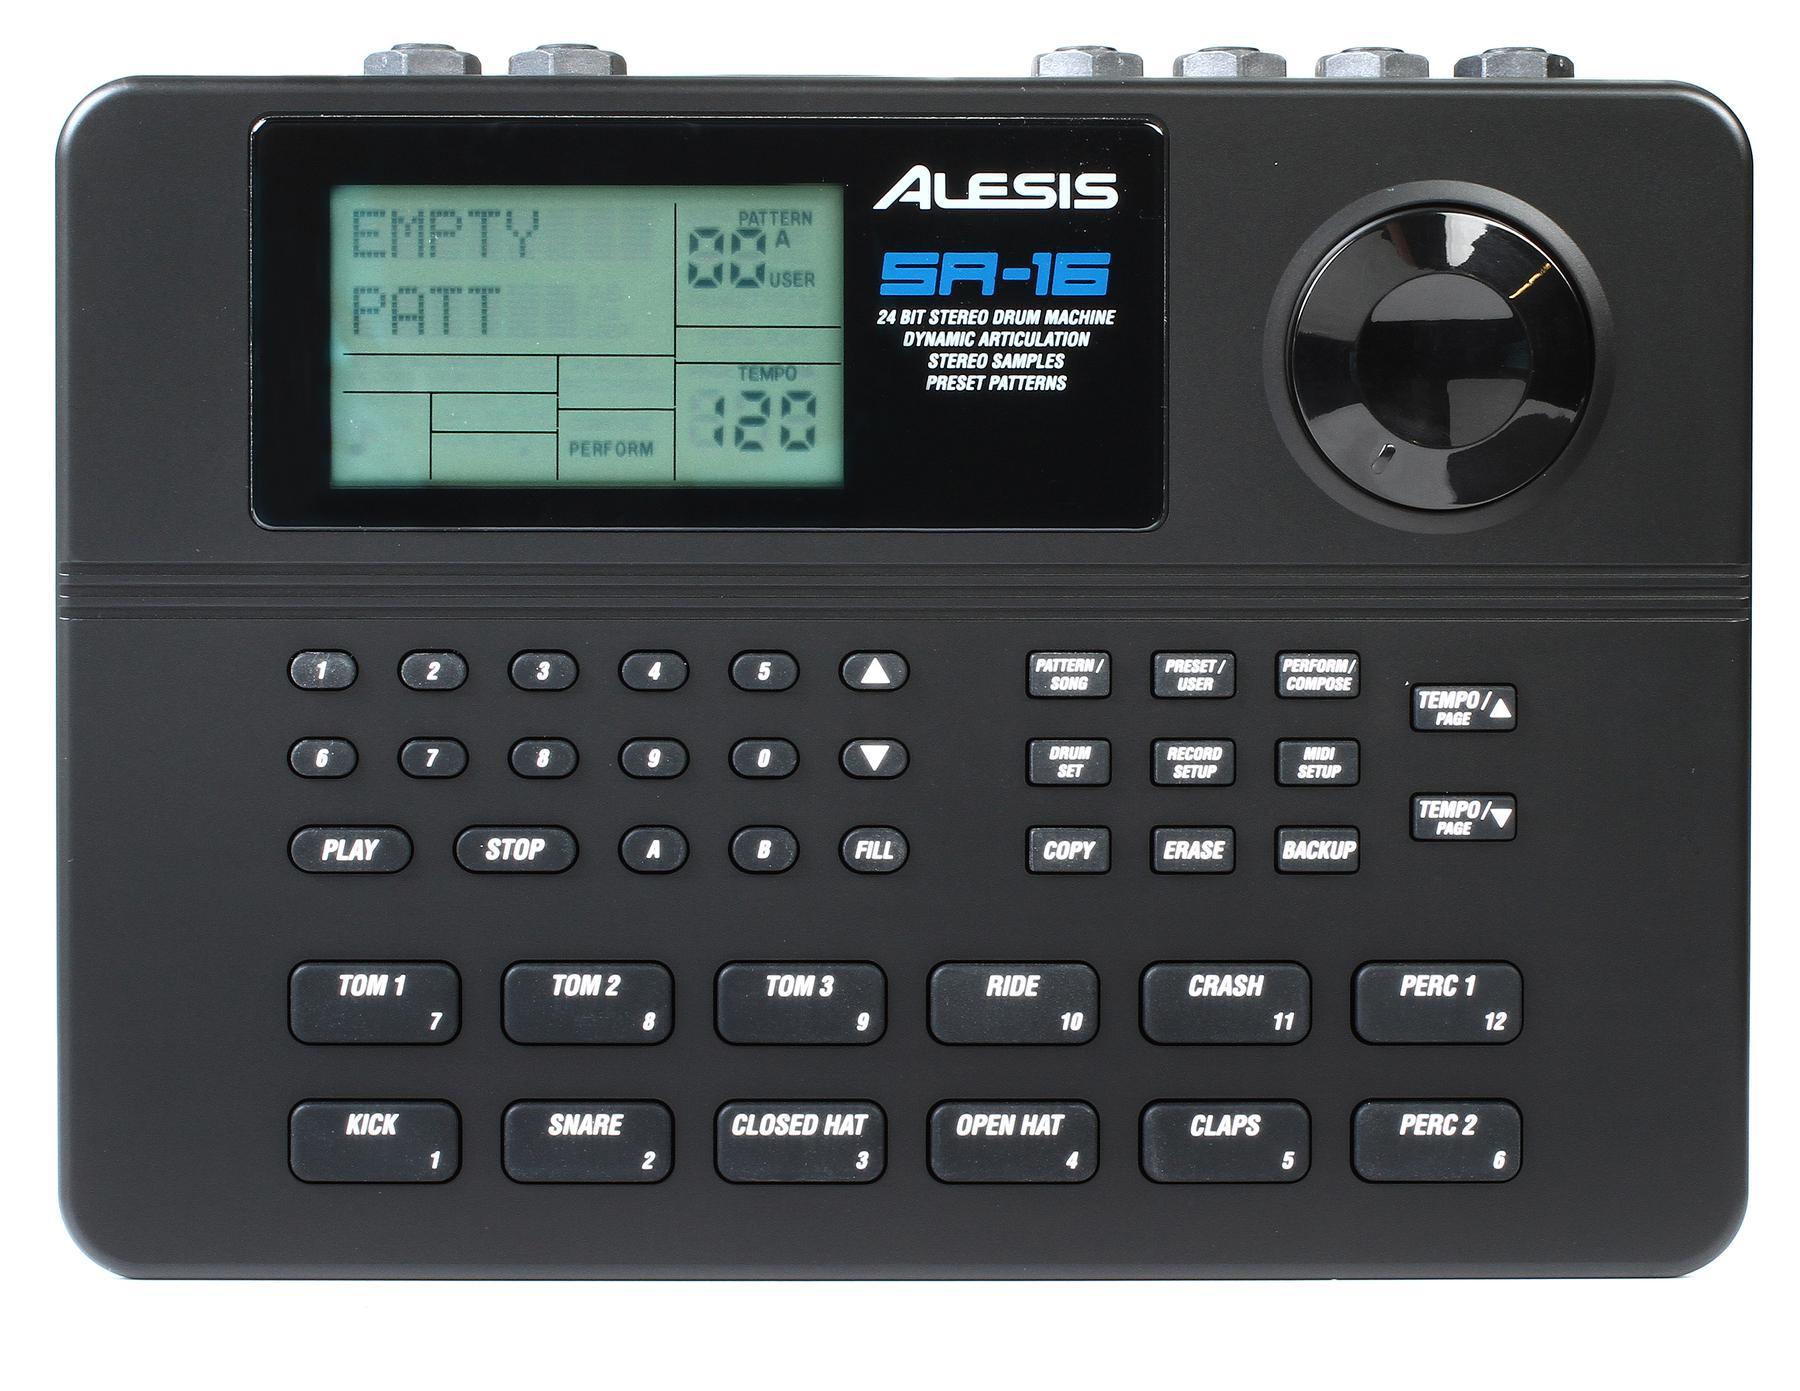 2. Alesis SR-16